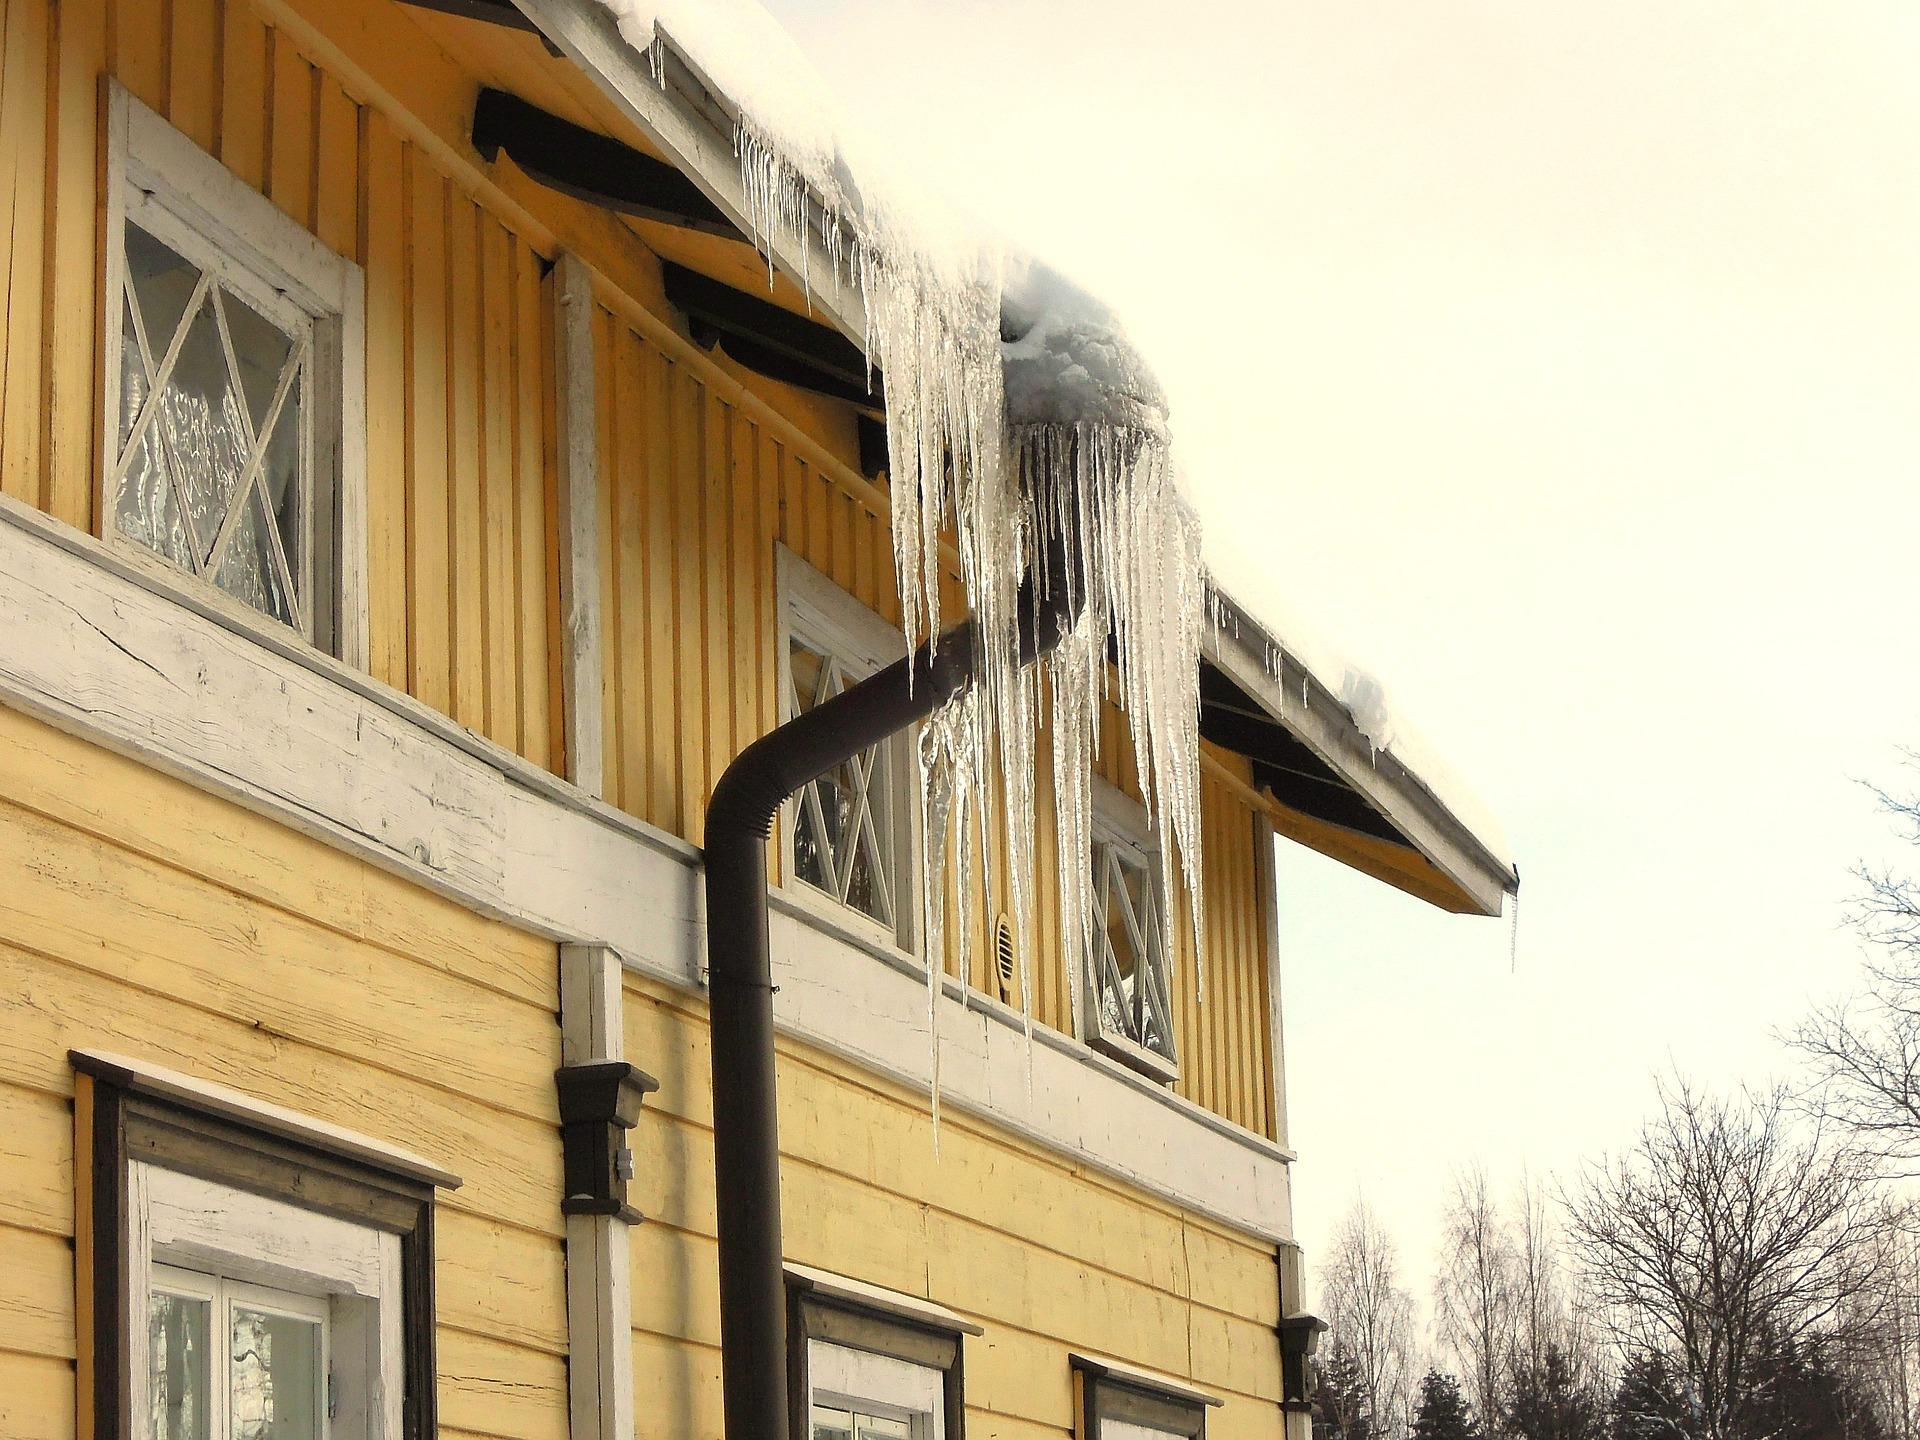 Du behöver inte bara anlita hjälp för snöröjning och borttagning av is på  tak. De kan också hjälpa till med att sanda eller salta på gator och vägar. f5c99c36685e9